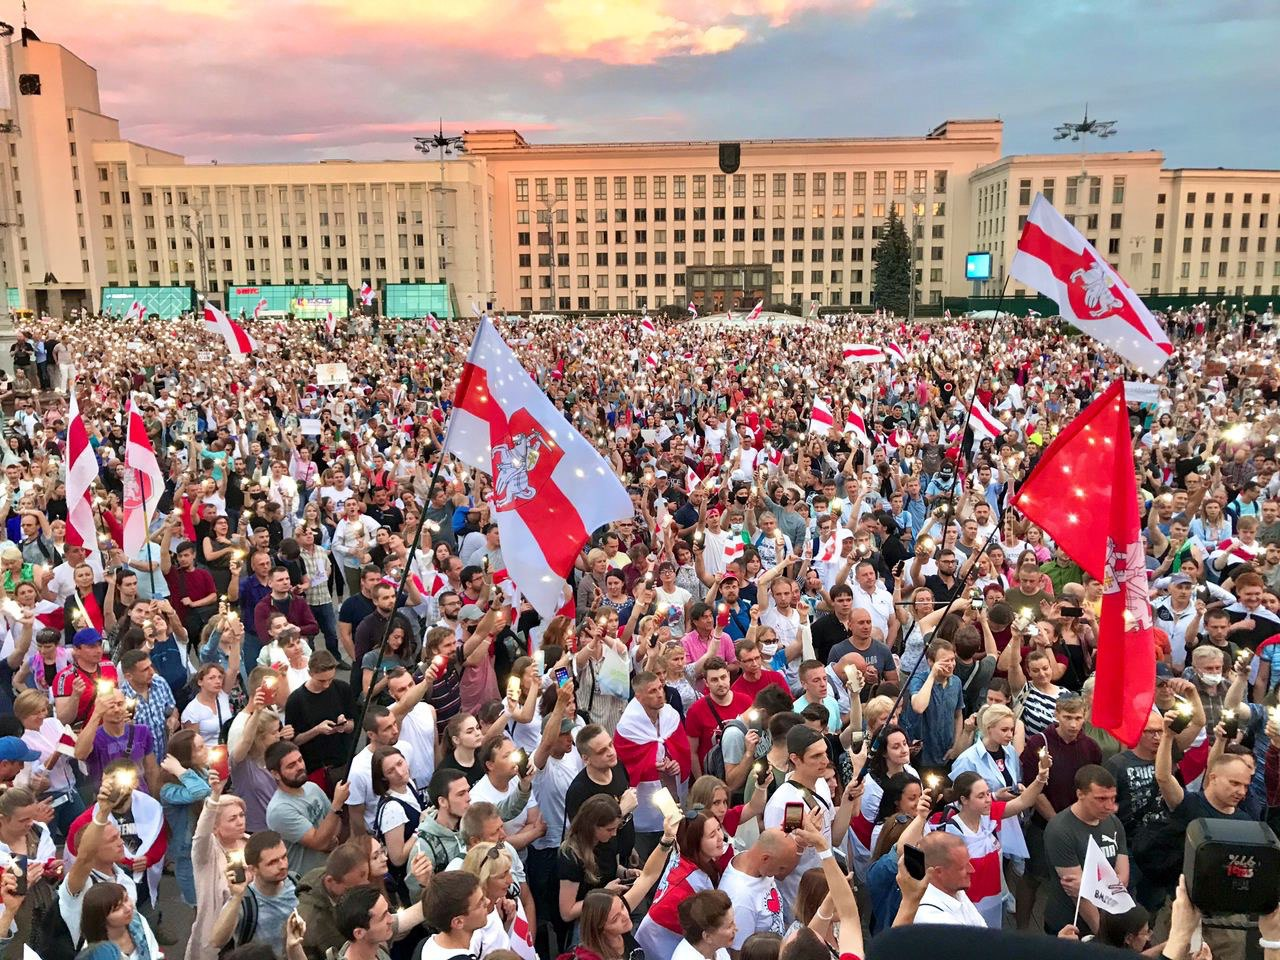 Wojna wieców, Grodno zezwala na protesty i początek prac Rady Koordynacyjnej